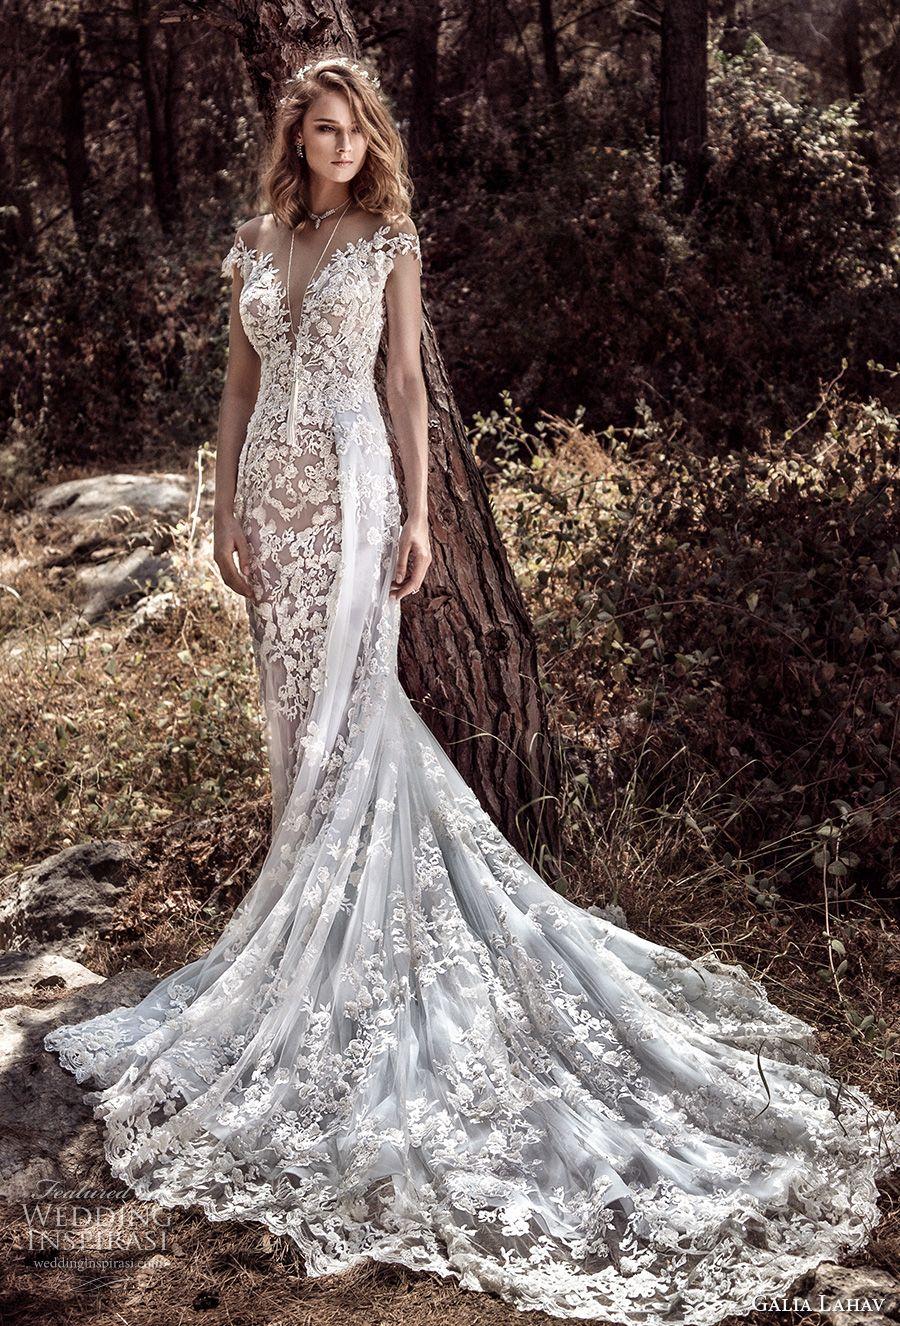 Gala by galia lahav wedding dresses u bridal collection no iv